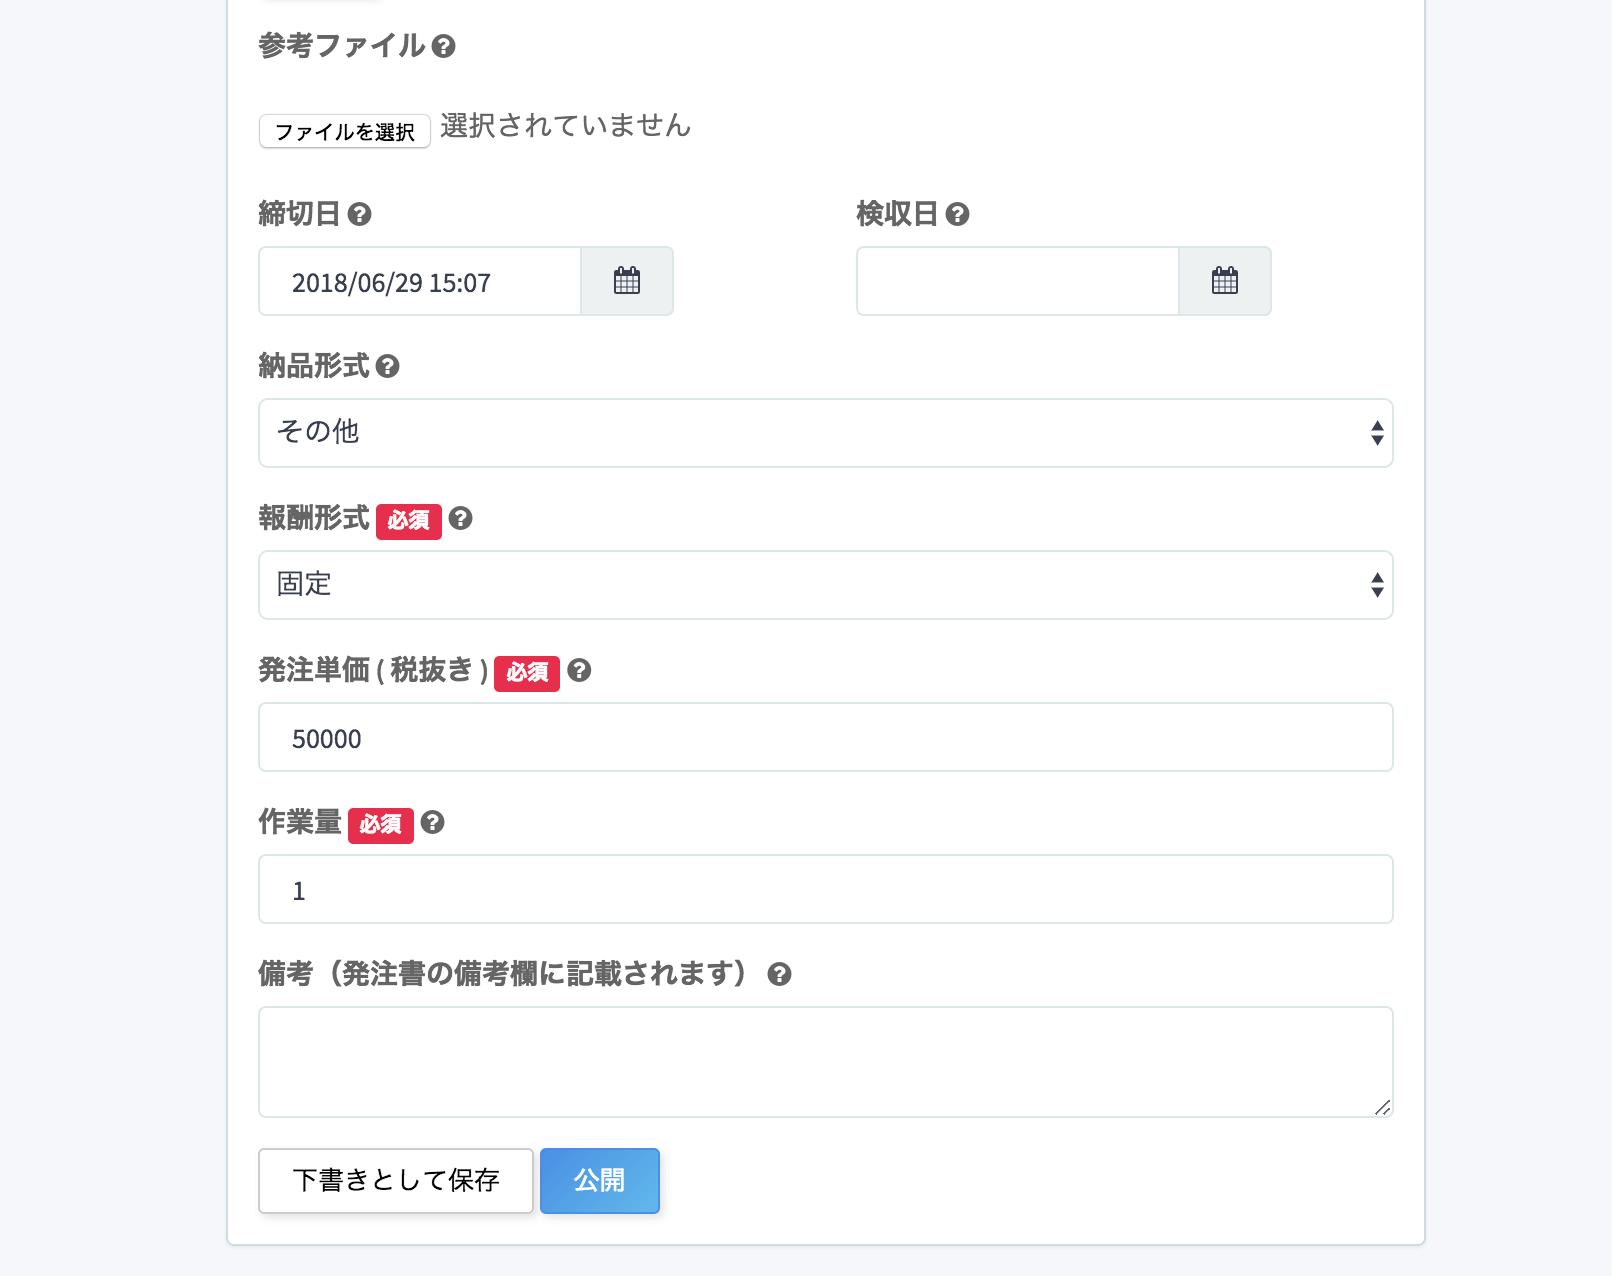 請求書の項目画面